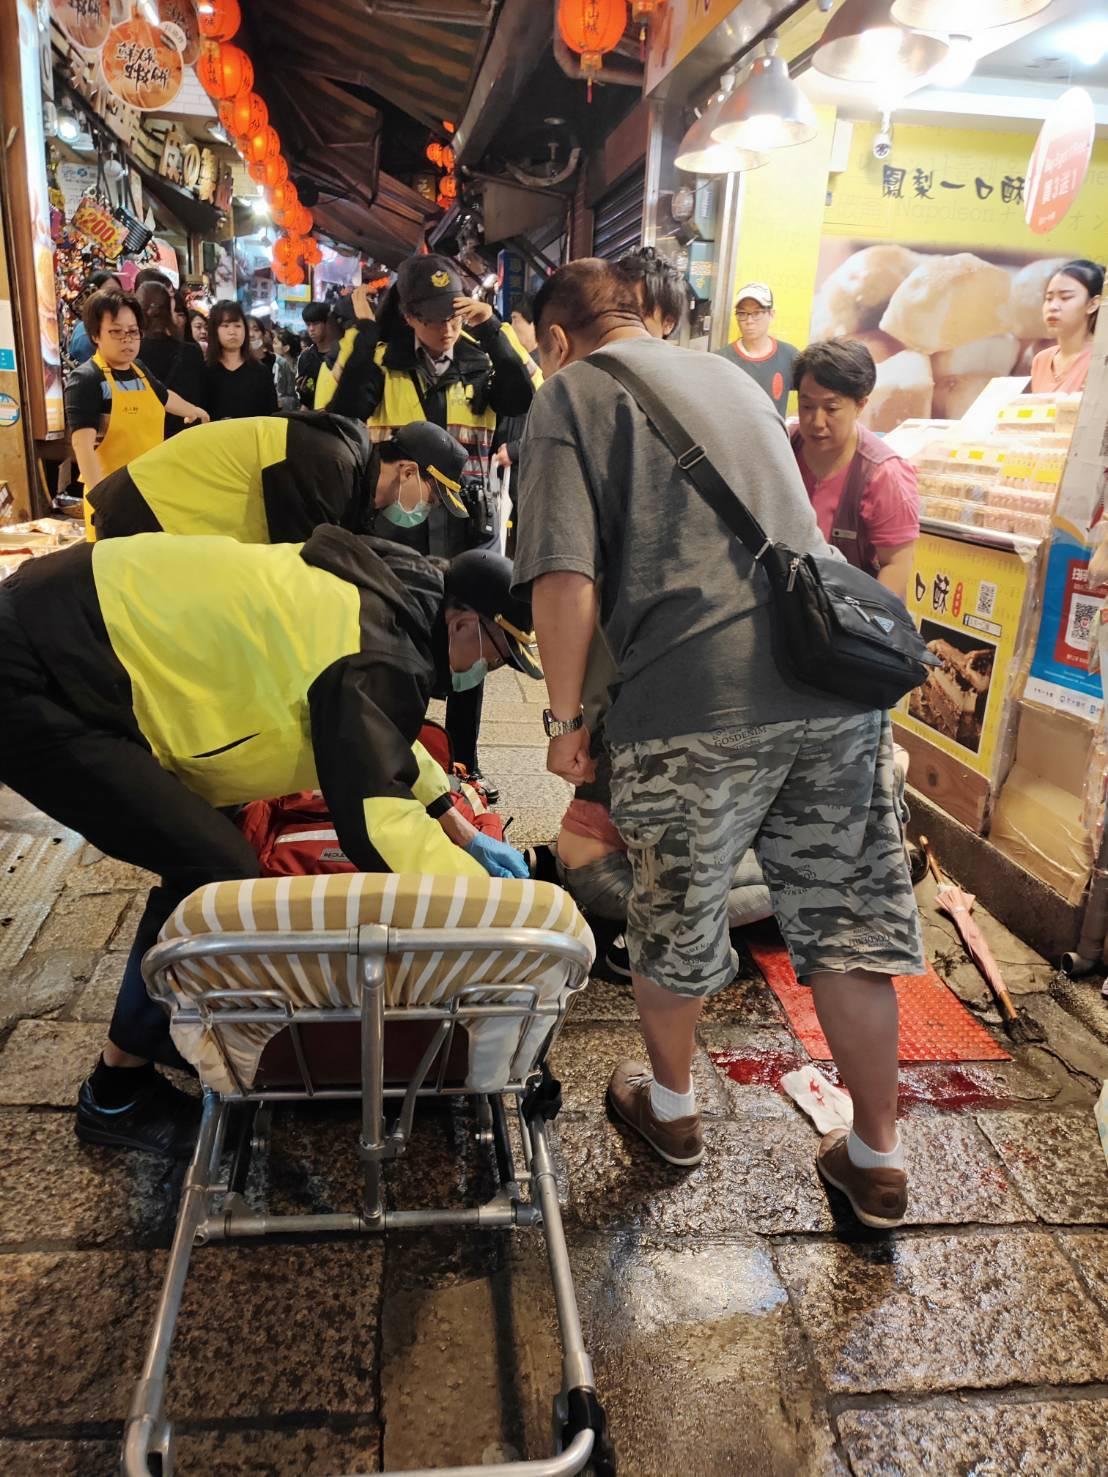 九份老街觀光客眾多,日前有位日籍遊客昏倒受傷,所幸員警廖子晴和陳定志經驗豐富加上...